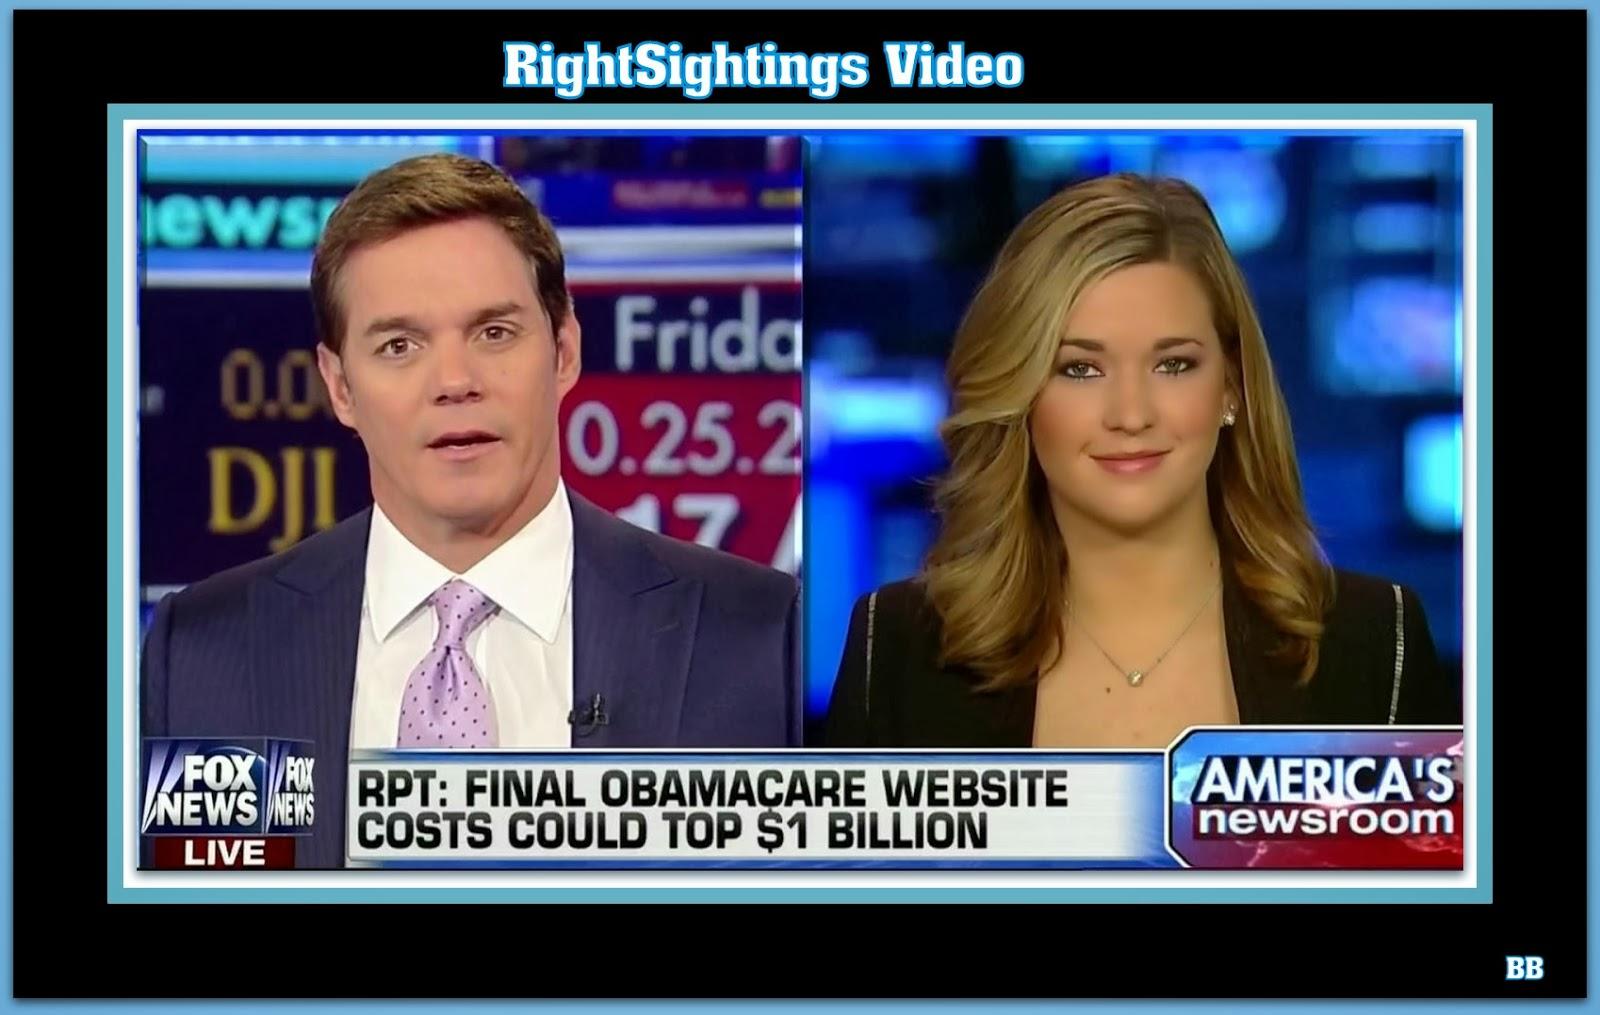 Obamacare website cost 1 billion